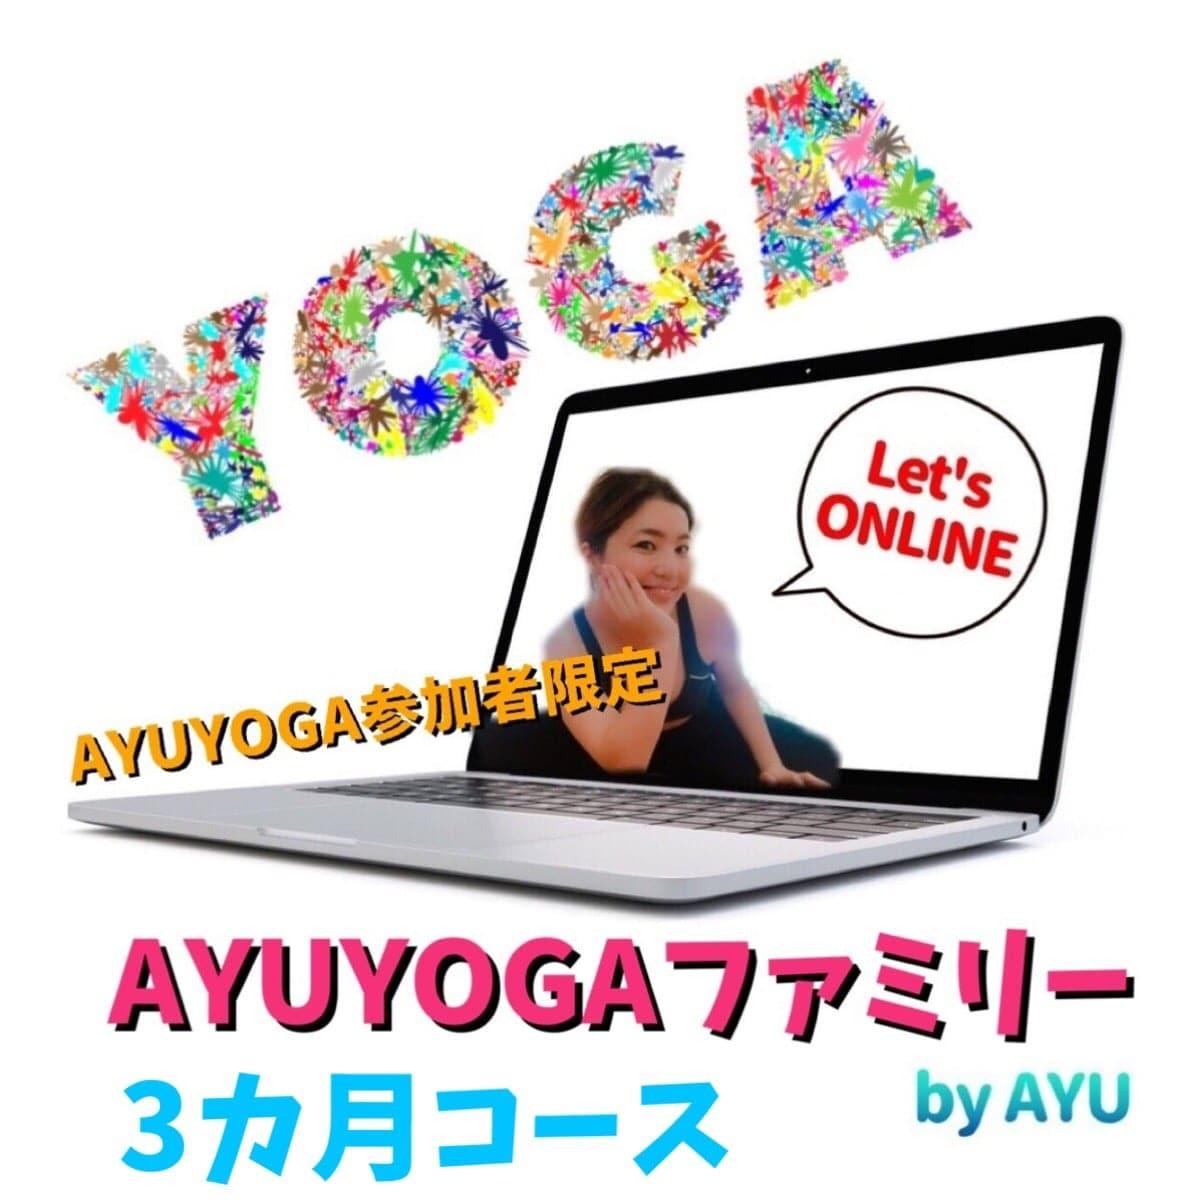 3カ月コース*オンラインサロン*AYUYOGAファミリー*のイメージその1